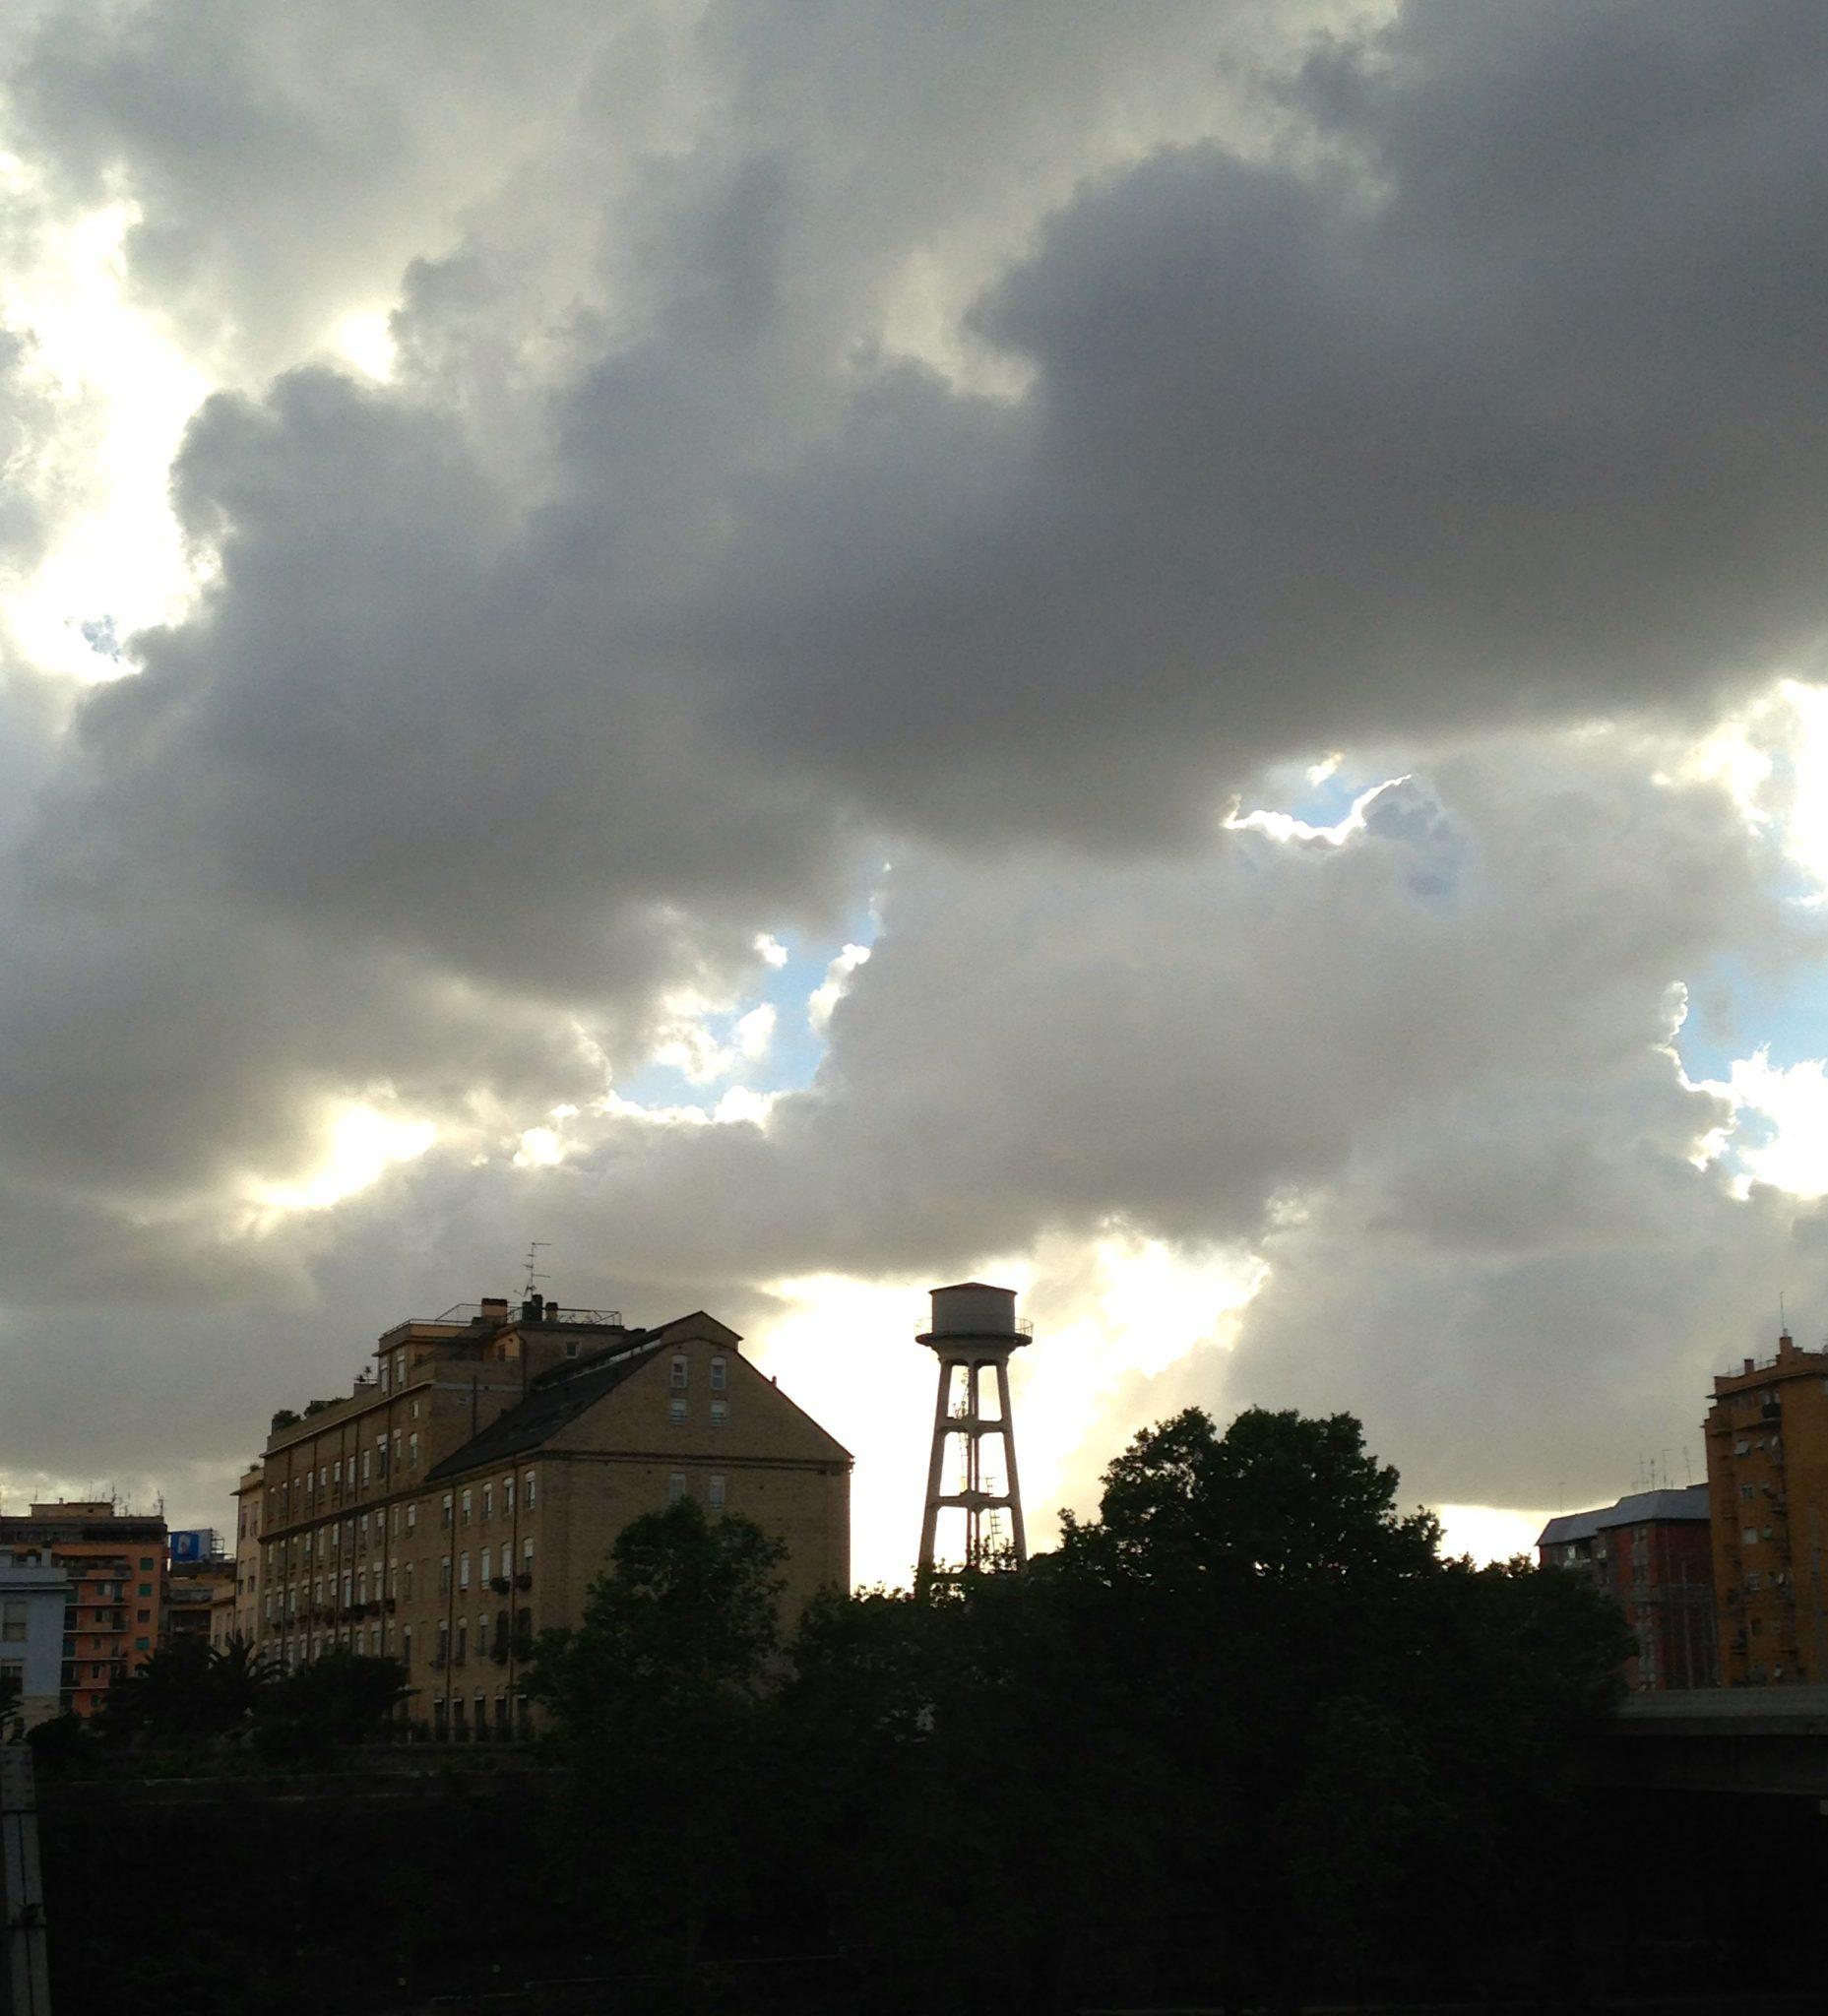 Stefano Moriggi -Roma, New Mexico, Ponte di ferro, 2012 (iPhone)